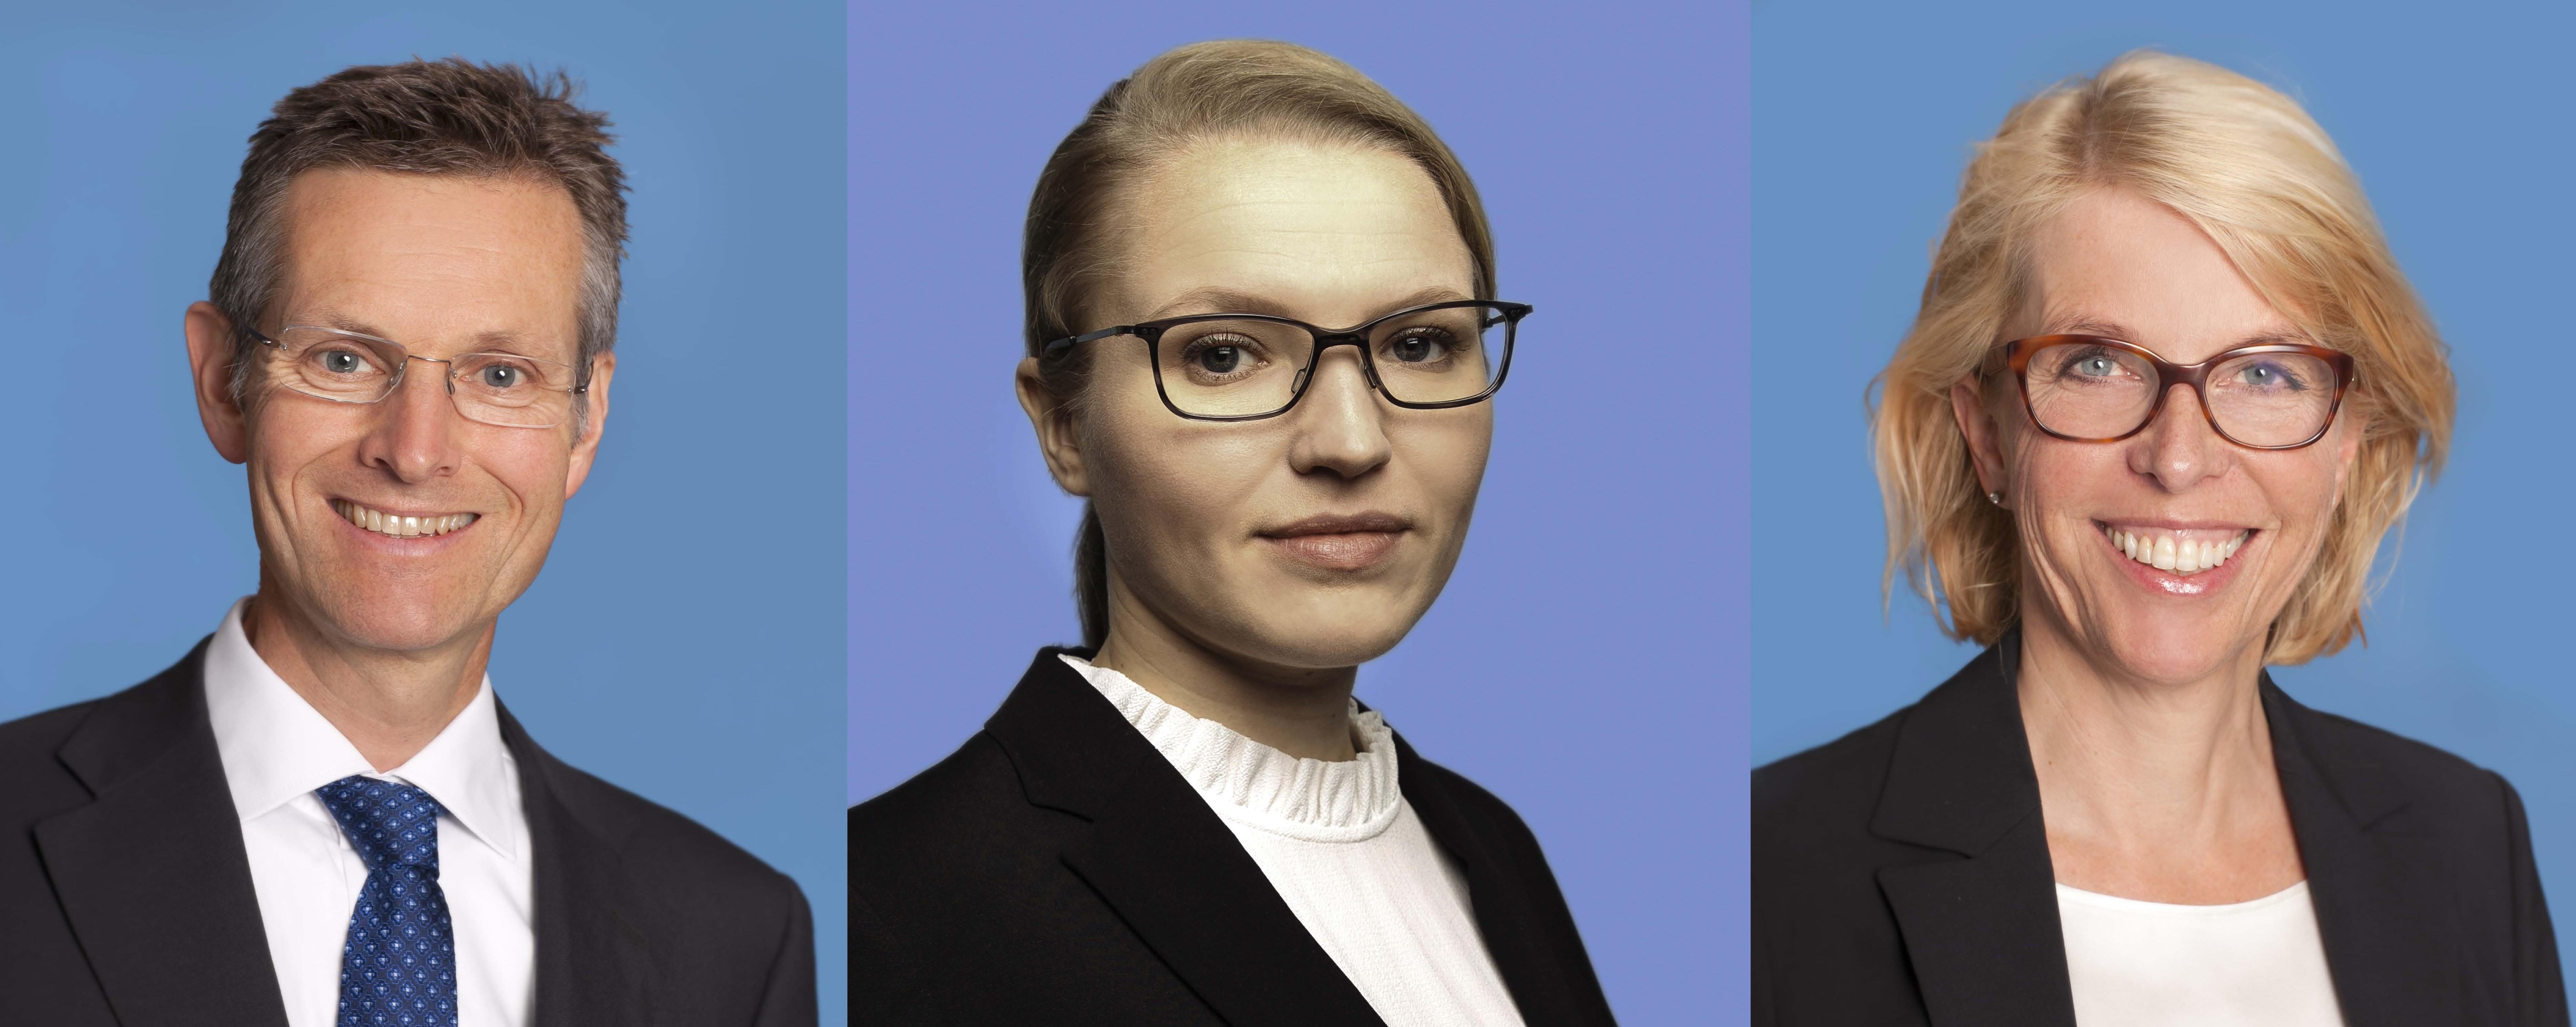 Anbud365: Fosen-saken EFTA-domstolen presiserer vilkårene for positiv kontraktsinteresse